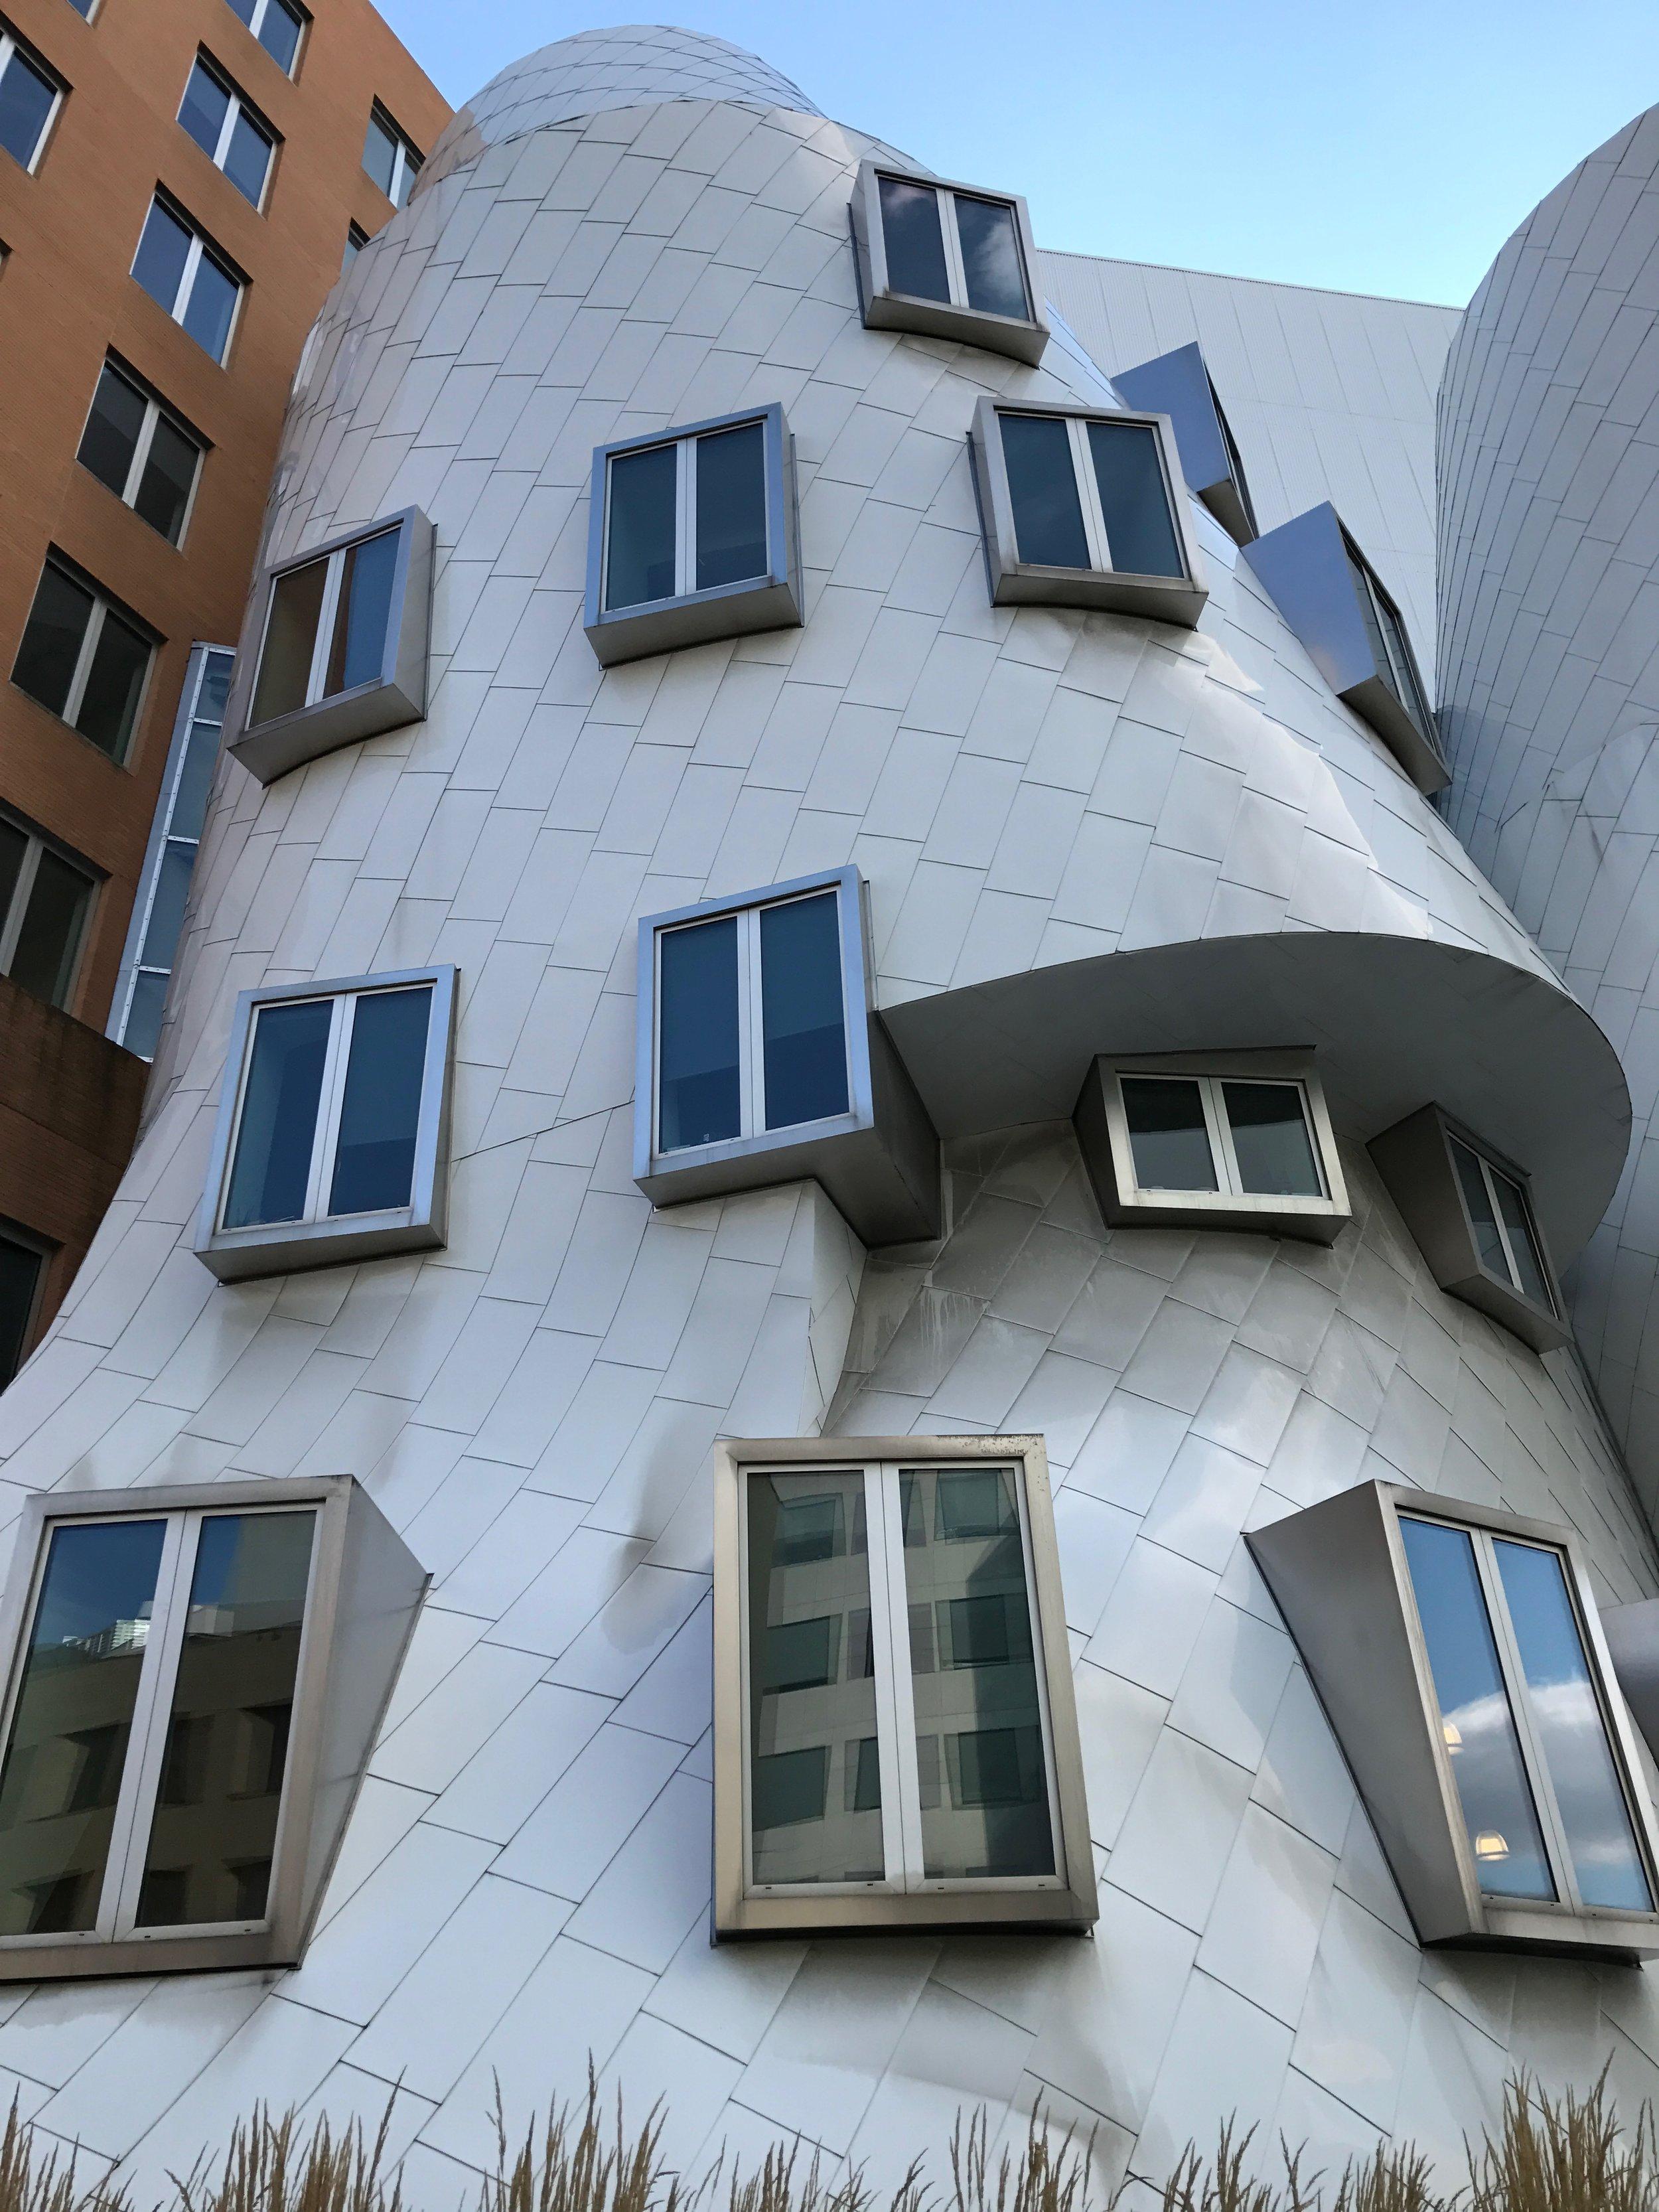 Architecture05-original.JPG